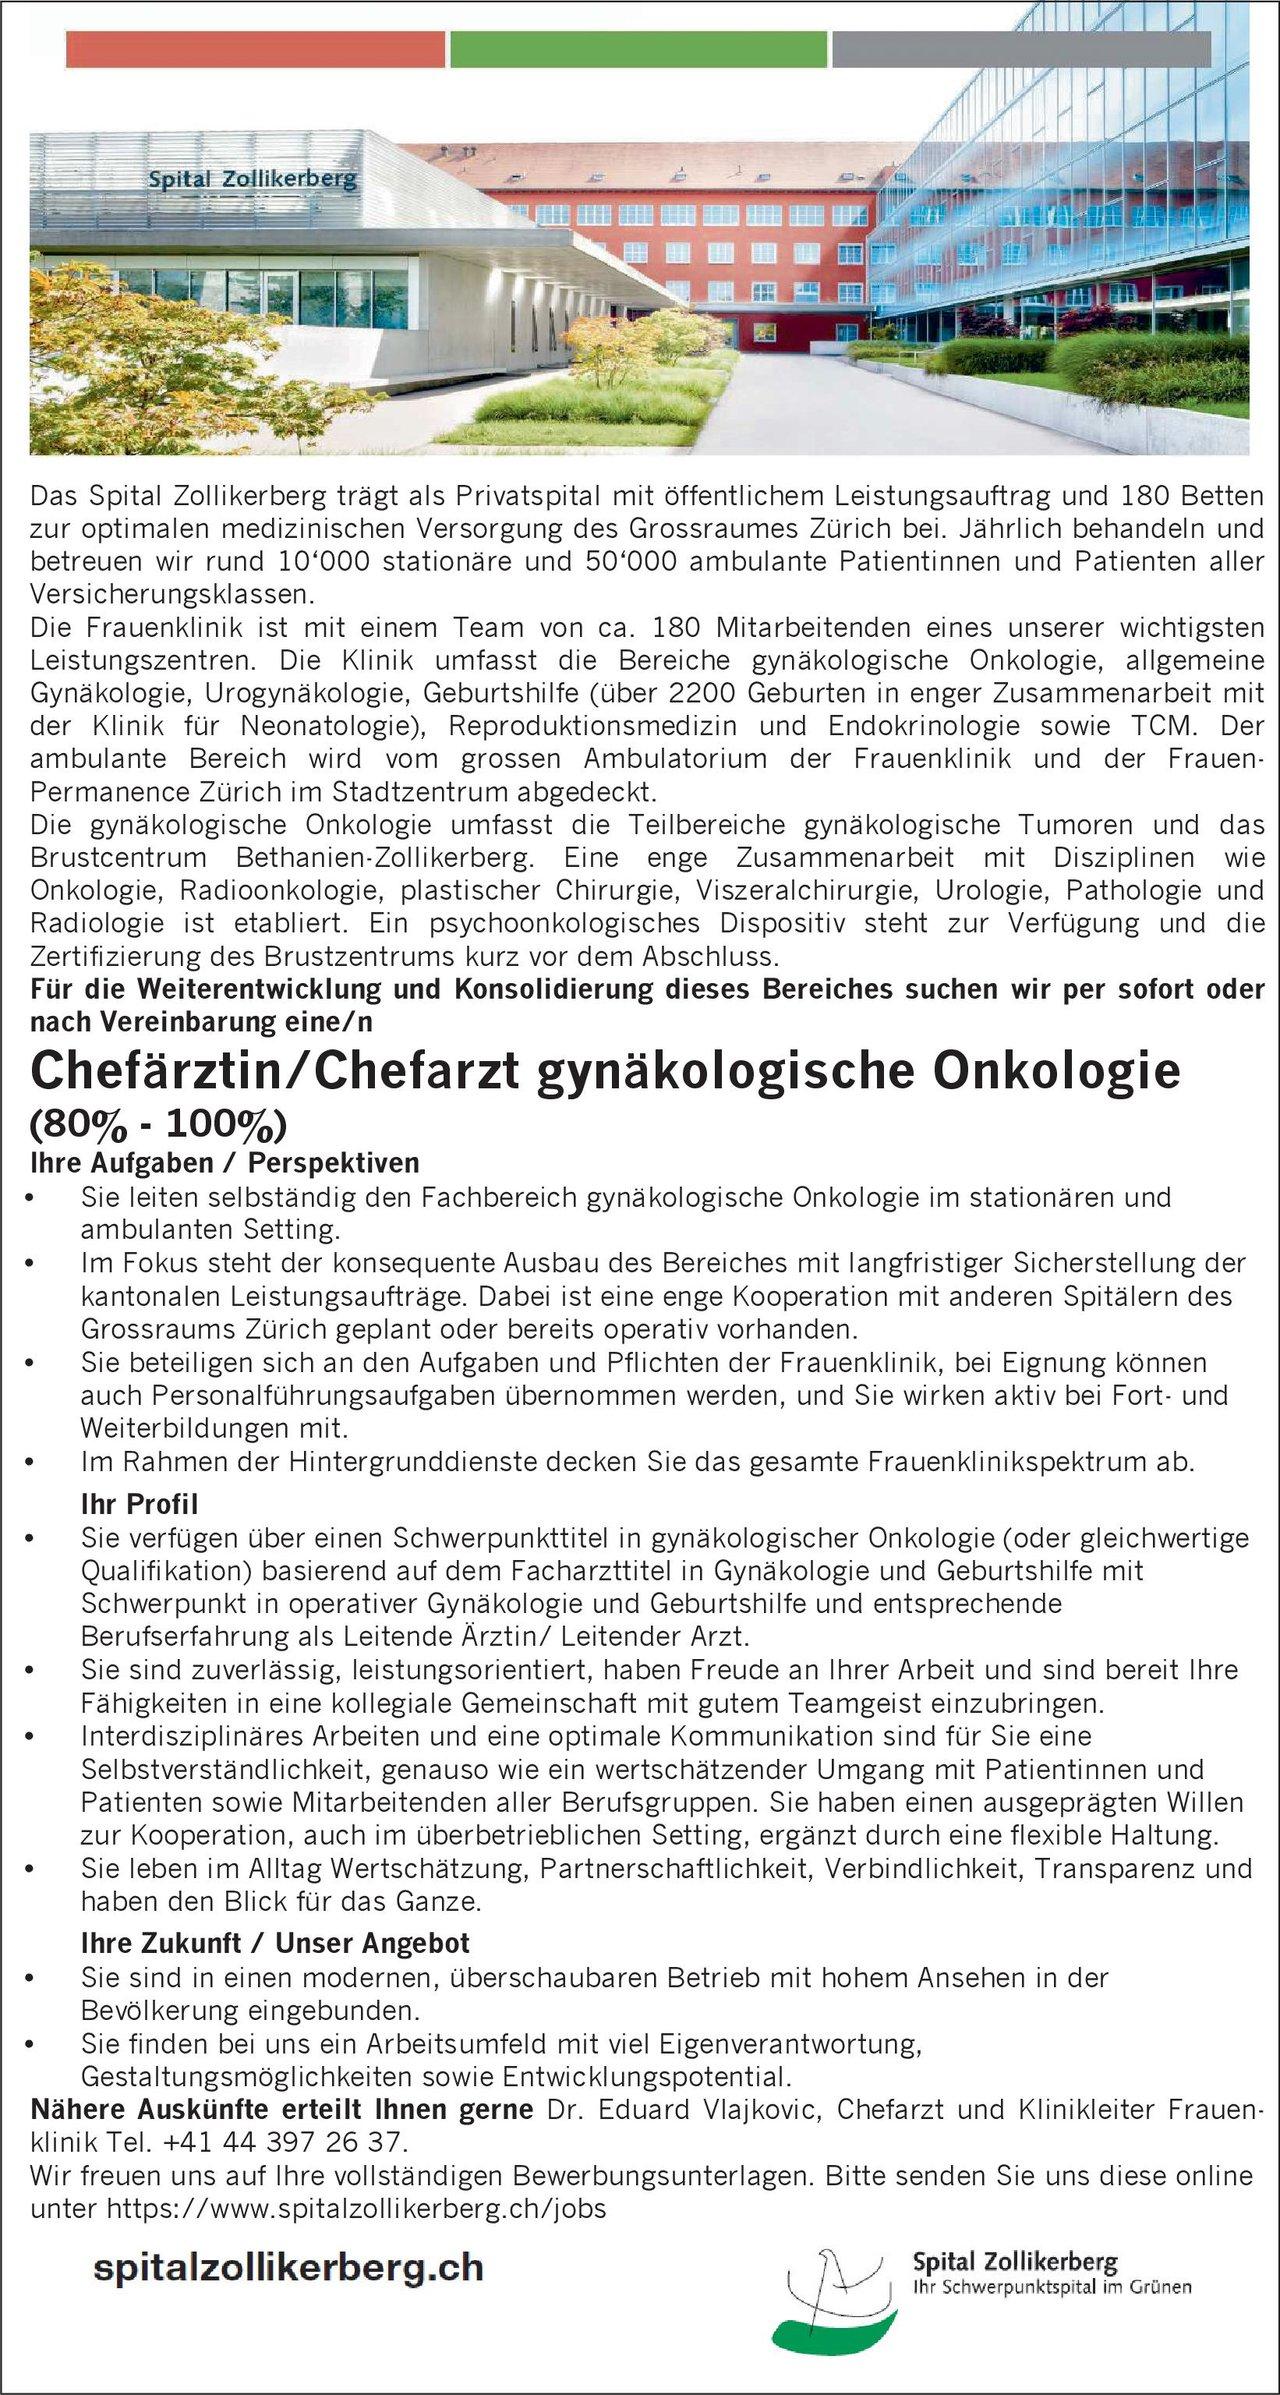 Spital Zollikerberg Chefärztin/Chefarzt gynäkologische Onkologie  Gynäkologische Onkologie, Frauenheilkunde und Geburtshilfe Chefarzt